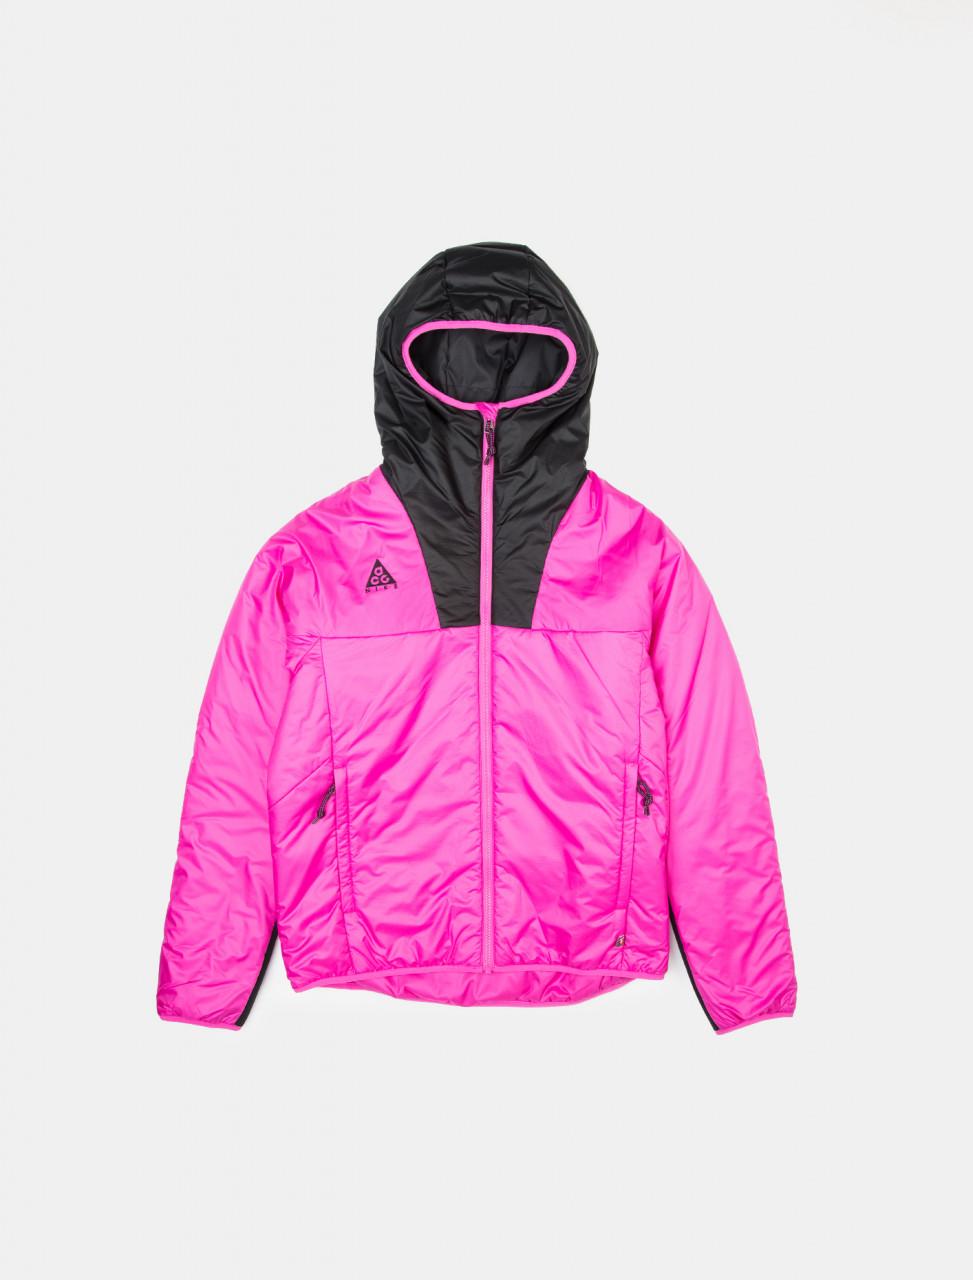 ACG Primaloft Hooded Jacket